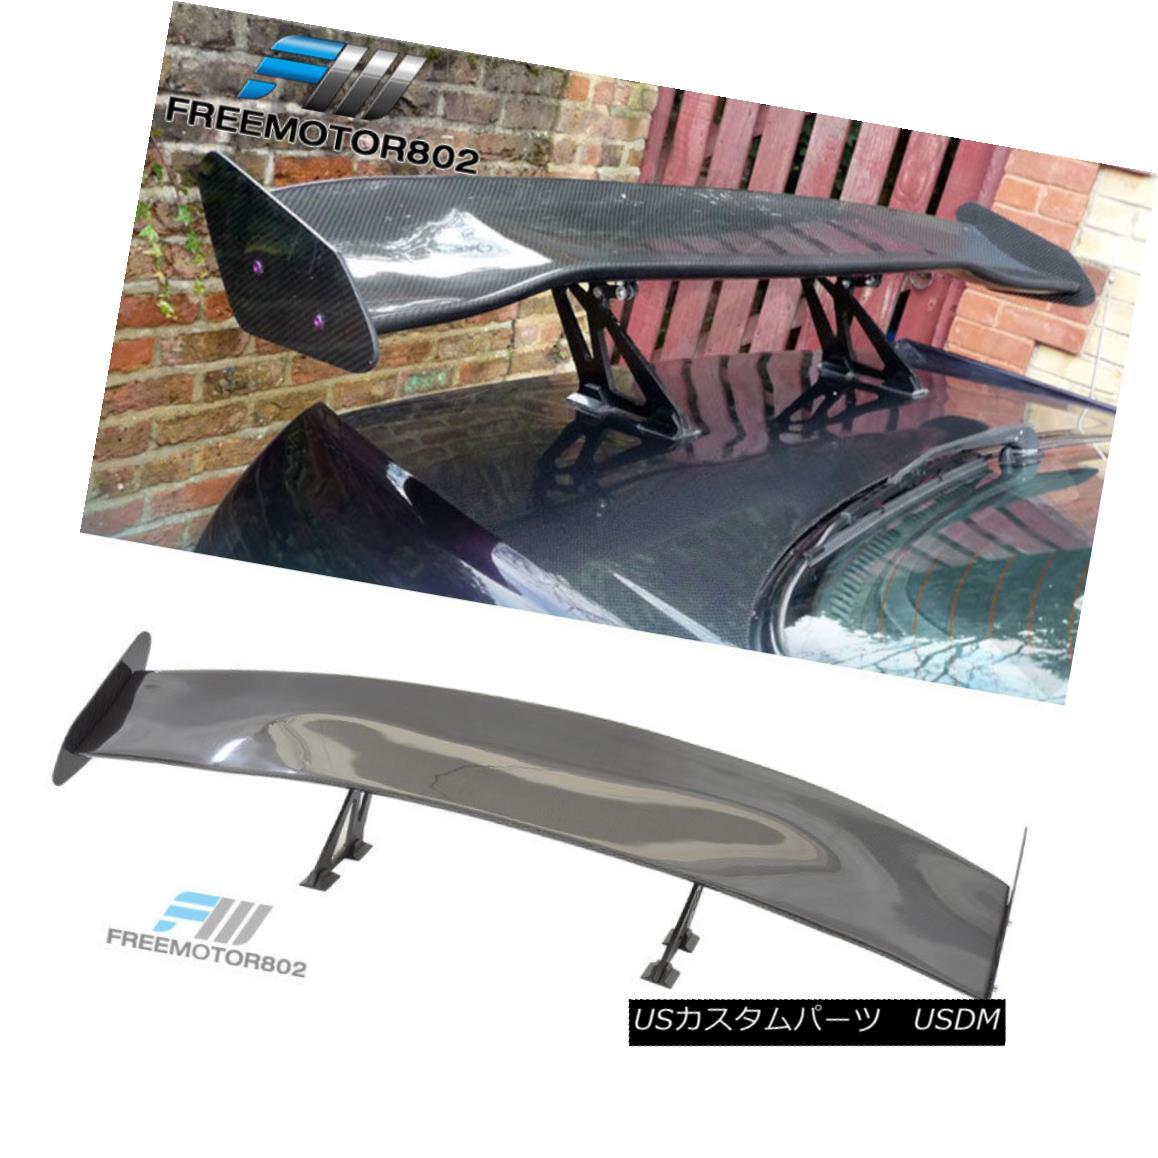 エアロパーツ 56 Inch Universal Fit 3D Carbon Fiber JDM GT Style Rear Trunk Spoiler Wing 56インチユニバーサルフィット3DカーボンファイバーJDM GTスタイルリアトランクスポイラーウィング